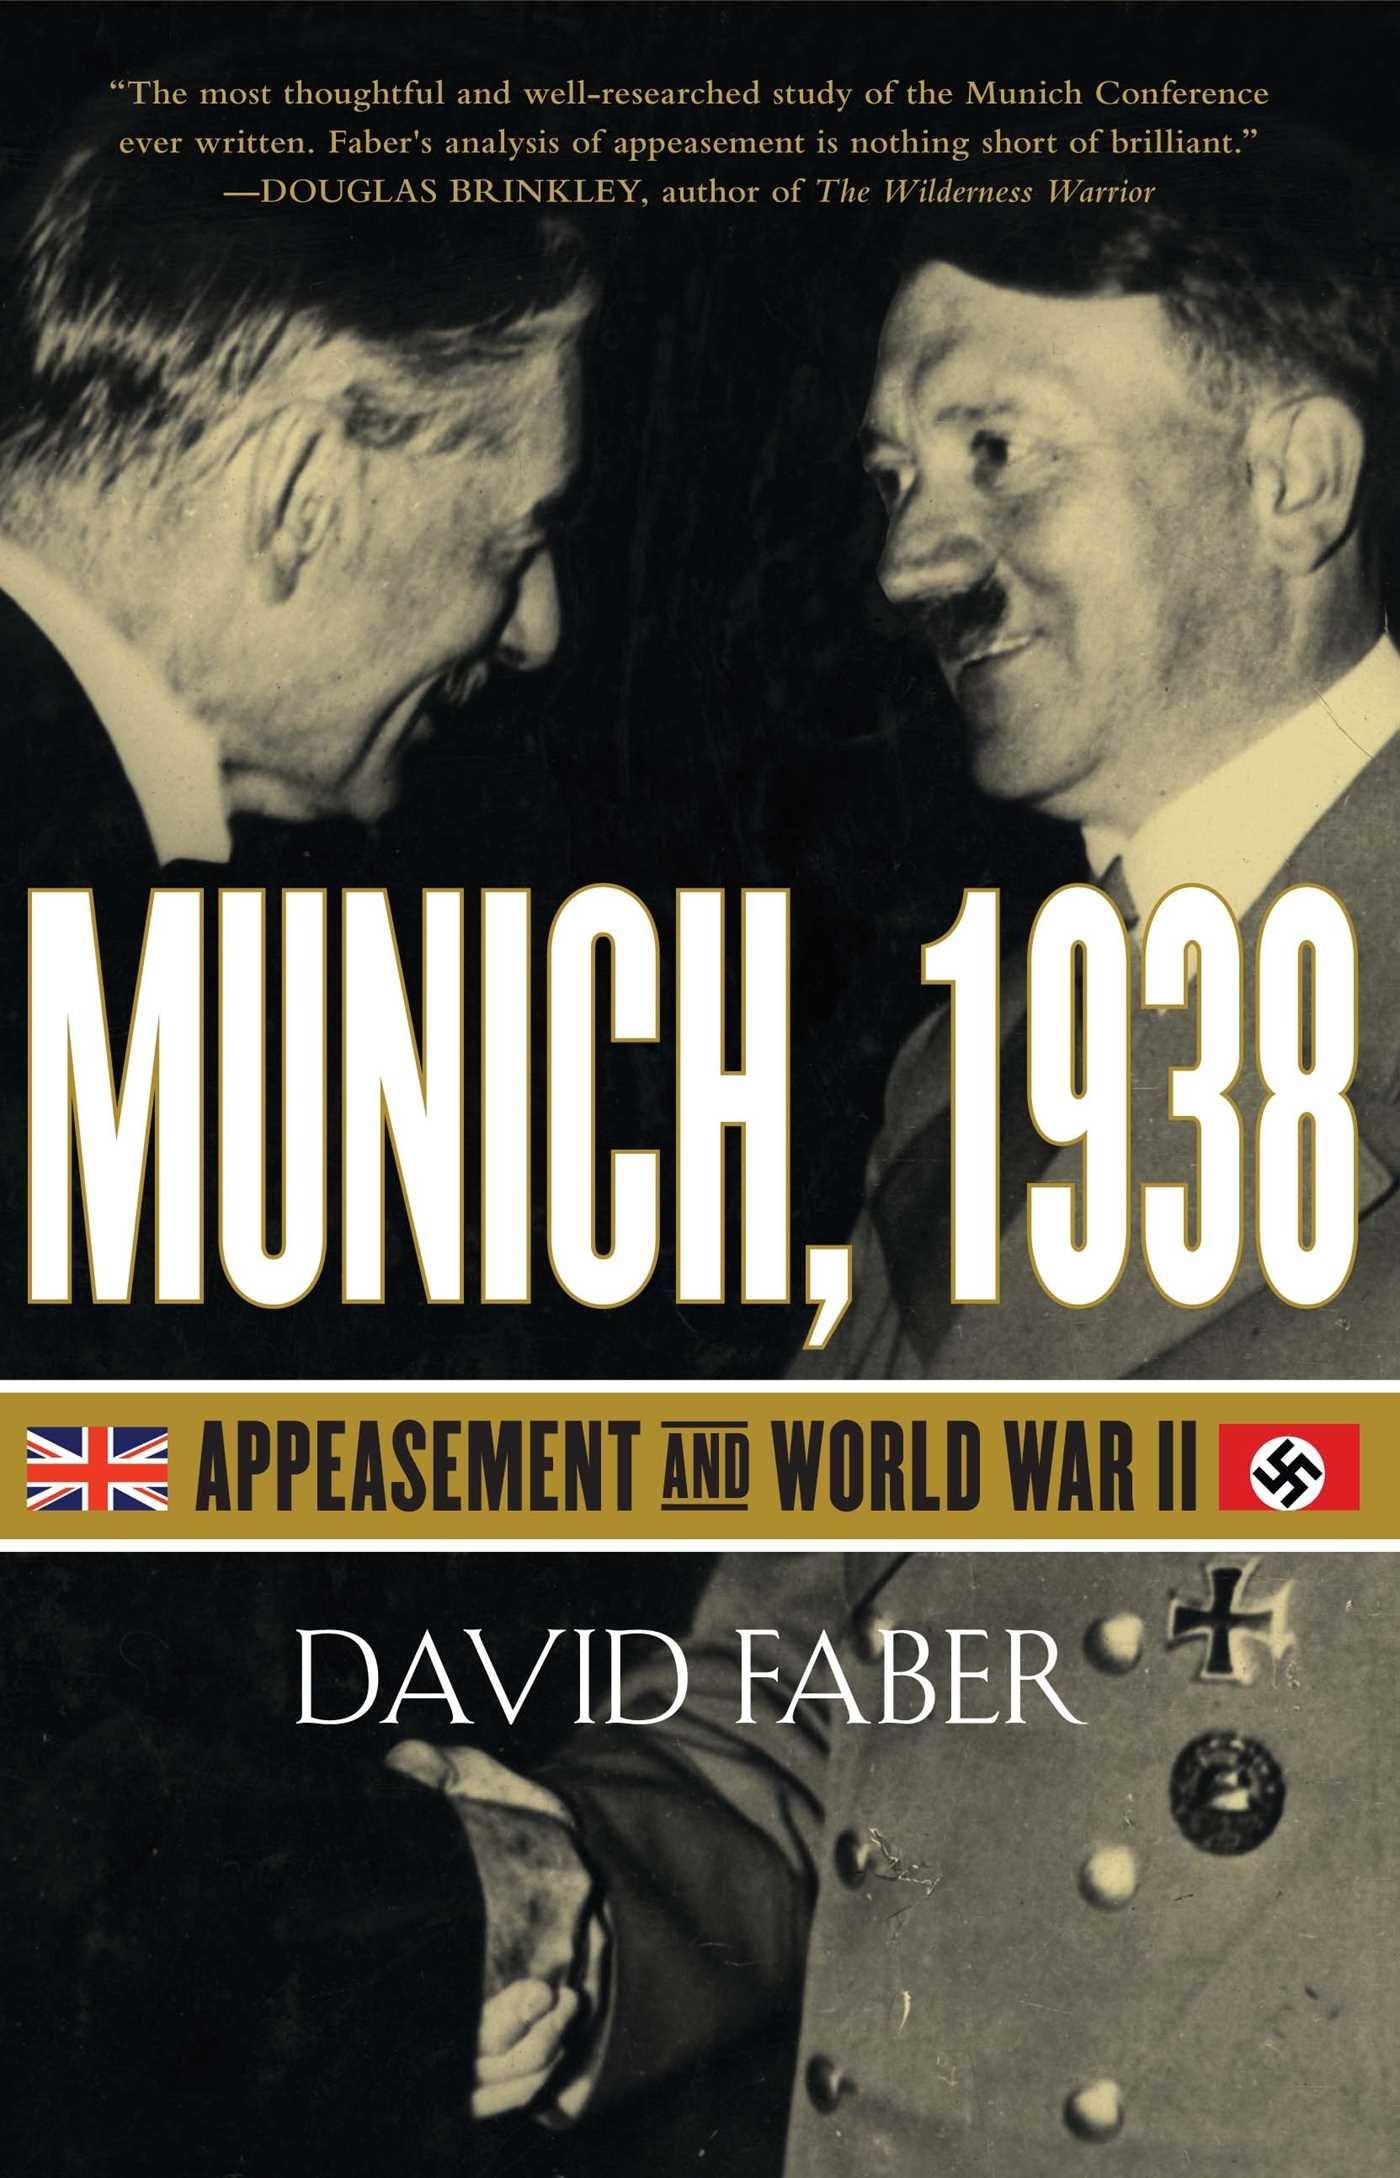 Munich 1938 Appeasement And World War Ii David Faber